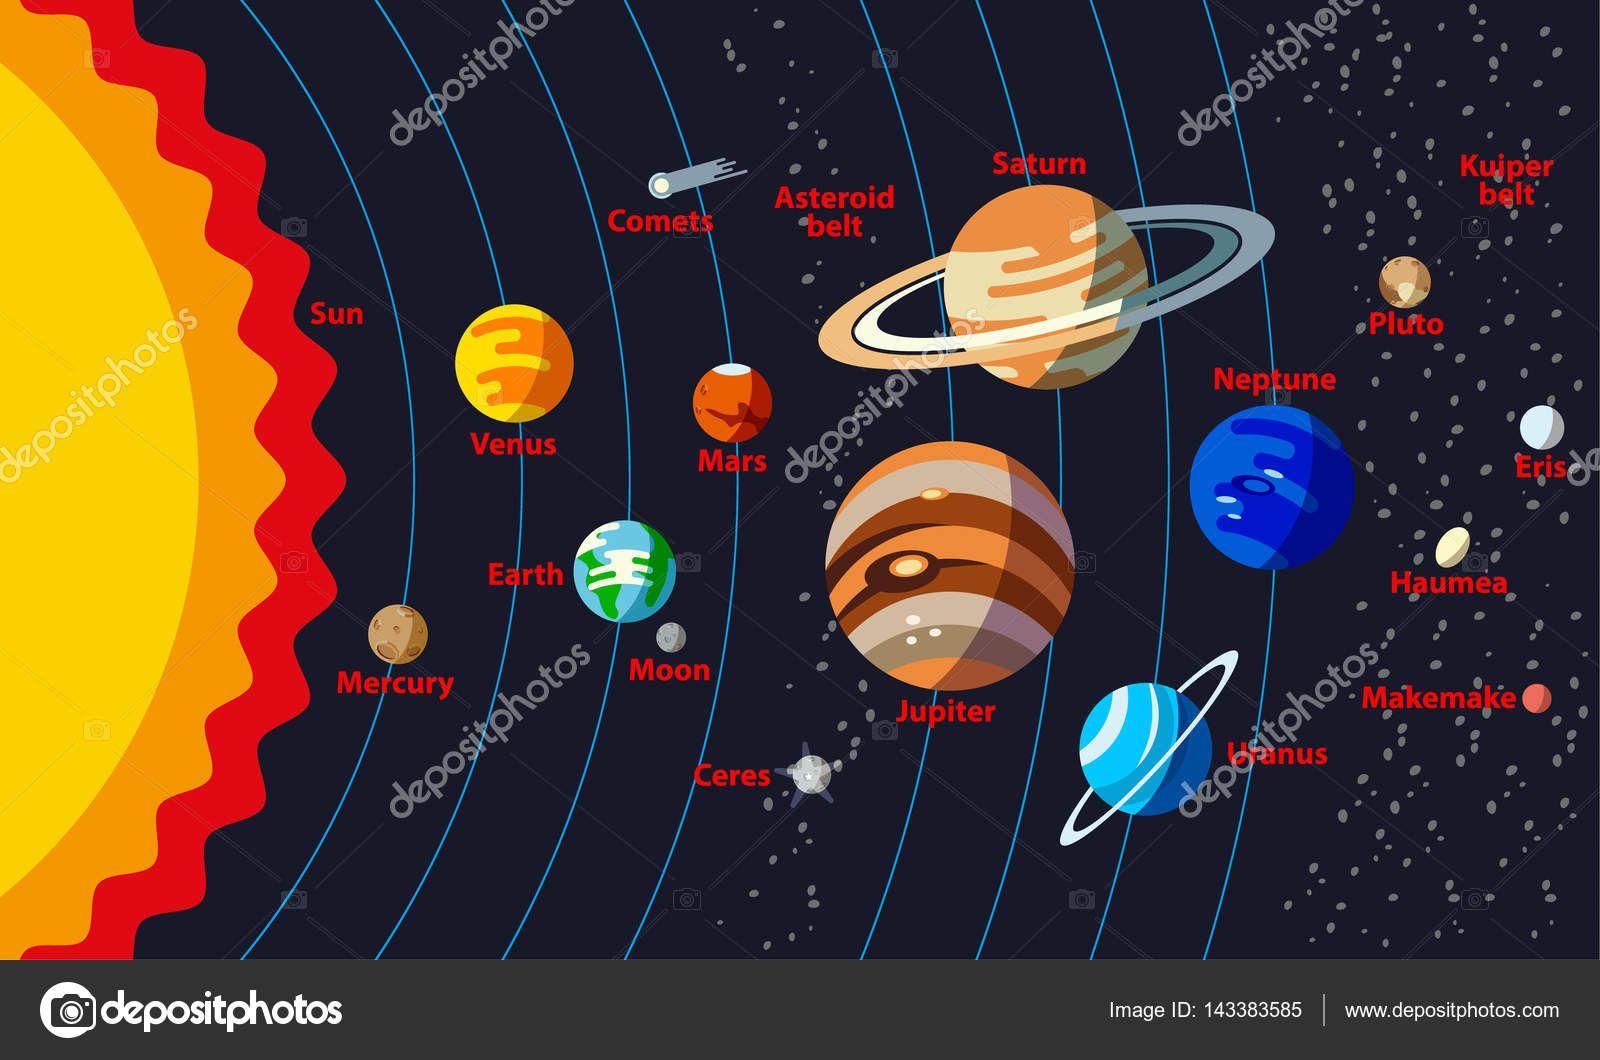 Descargar Estructura Del Sistema Solar Con Los Nombres De Los Objetos Planetas Con Orbita Sistema Solar Para Ninos Sistema Solar Imagenes Del Sistema Solar